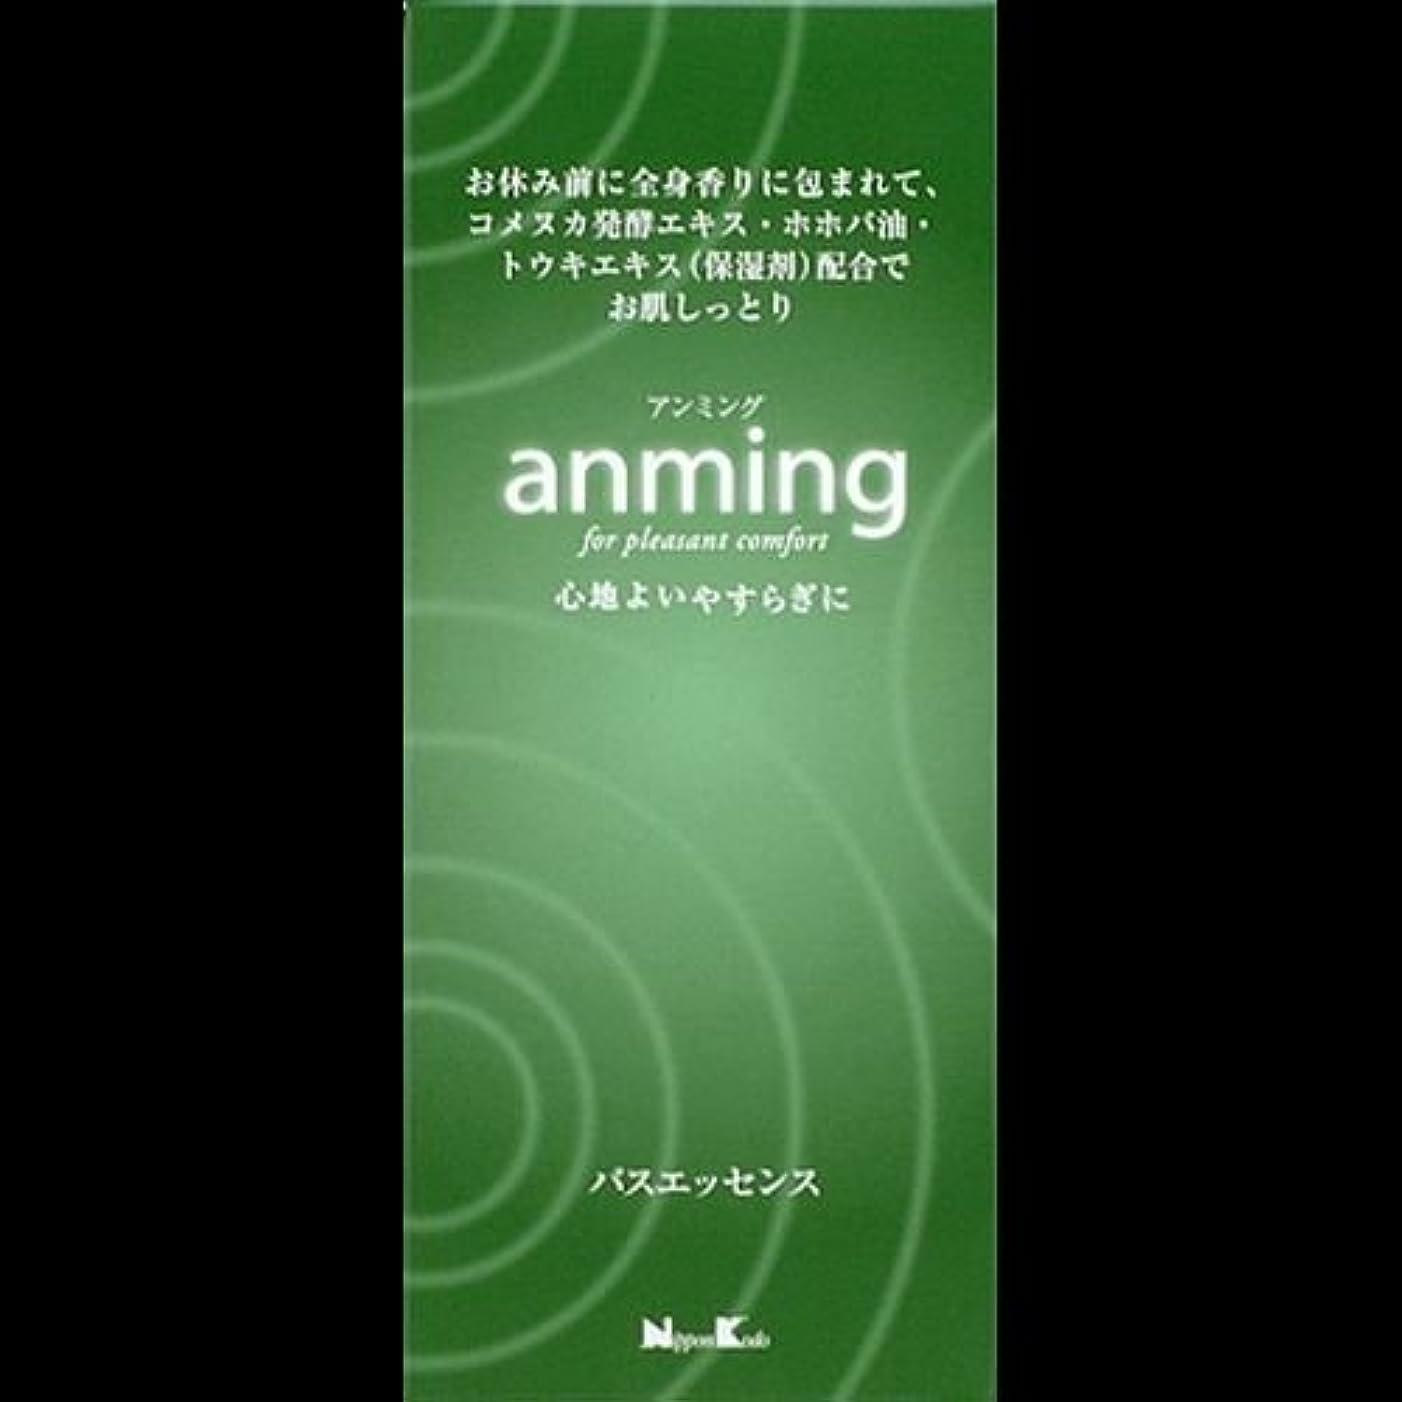 サイバースペース育成バンガロー【まとめ買い】anming(アンミング) バスエッセンス 480ml ×2セット